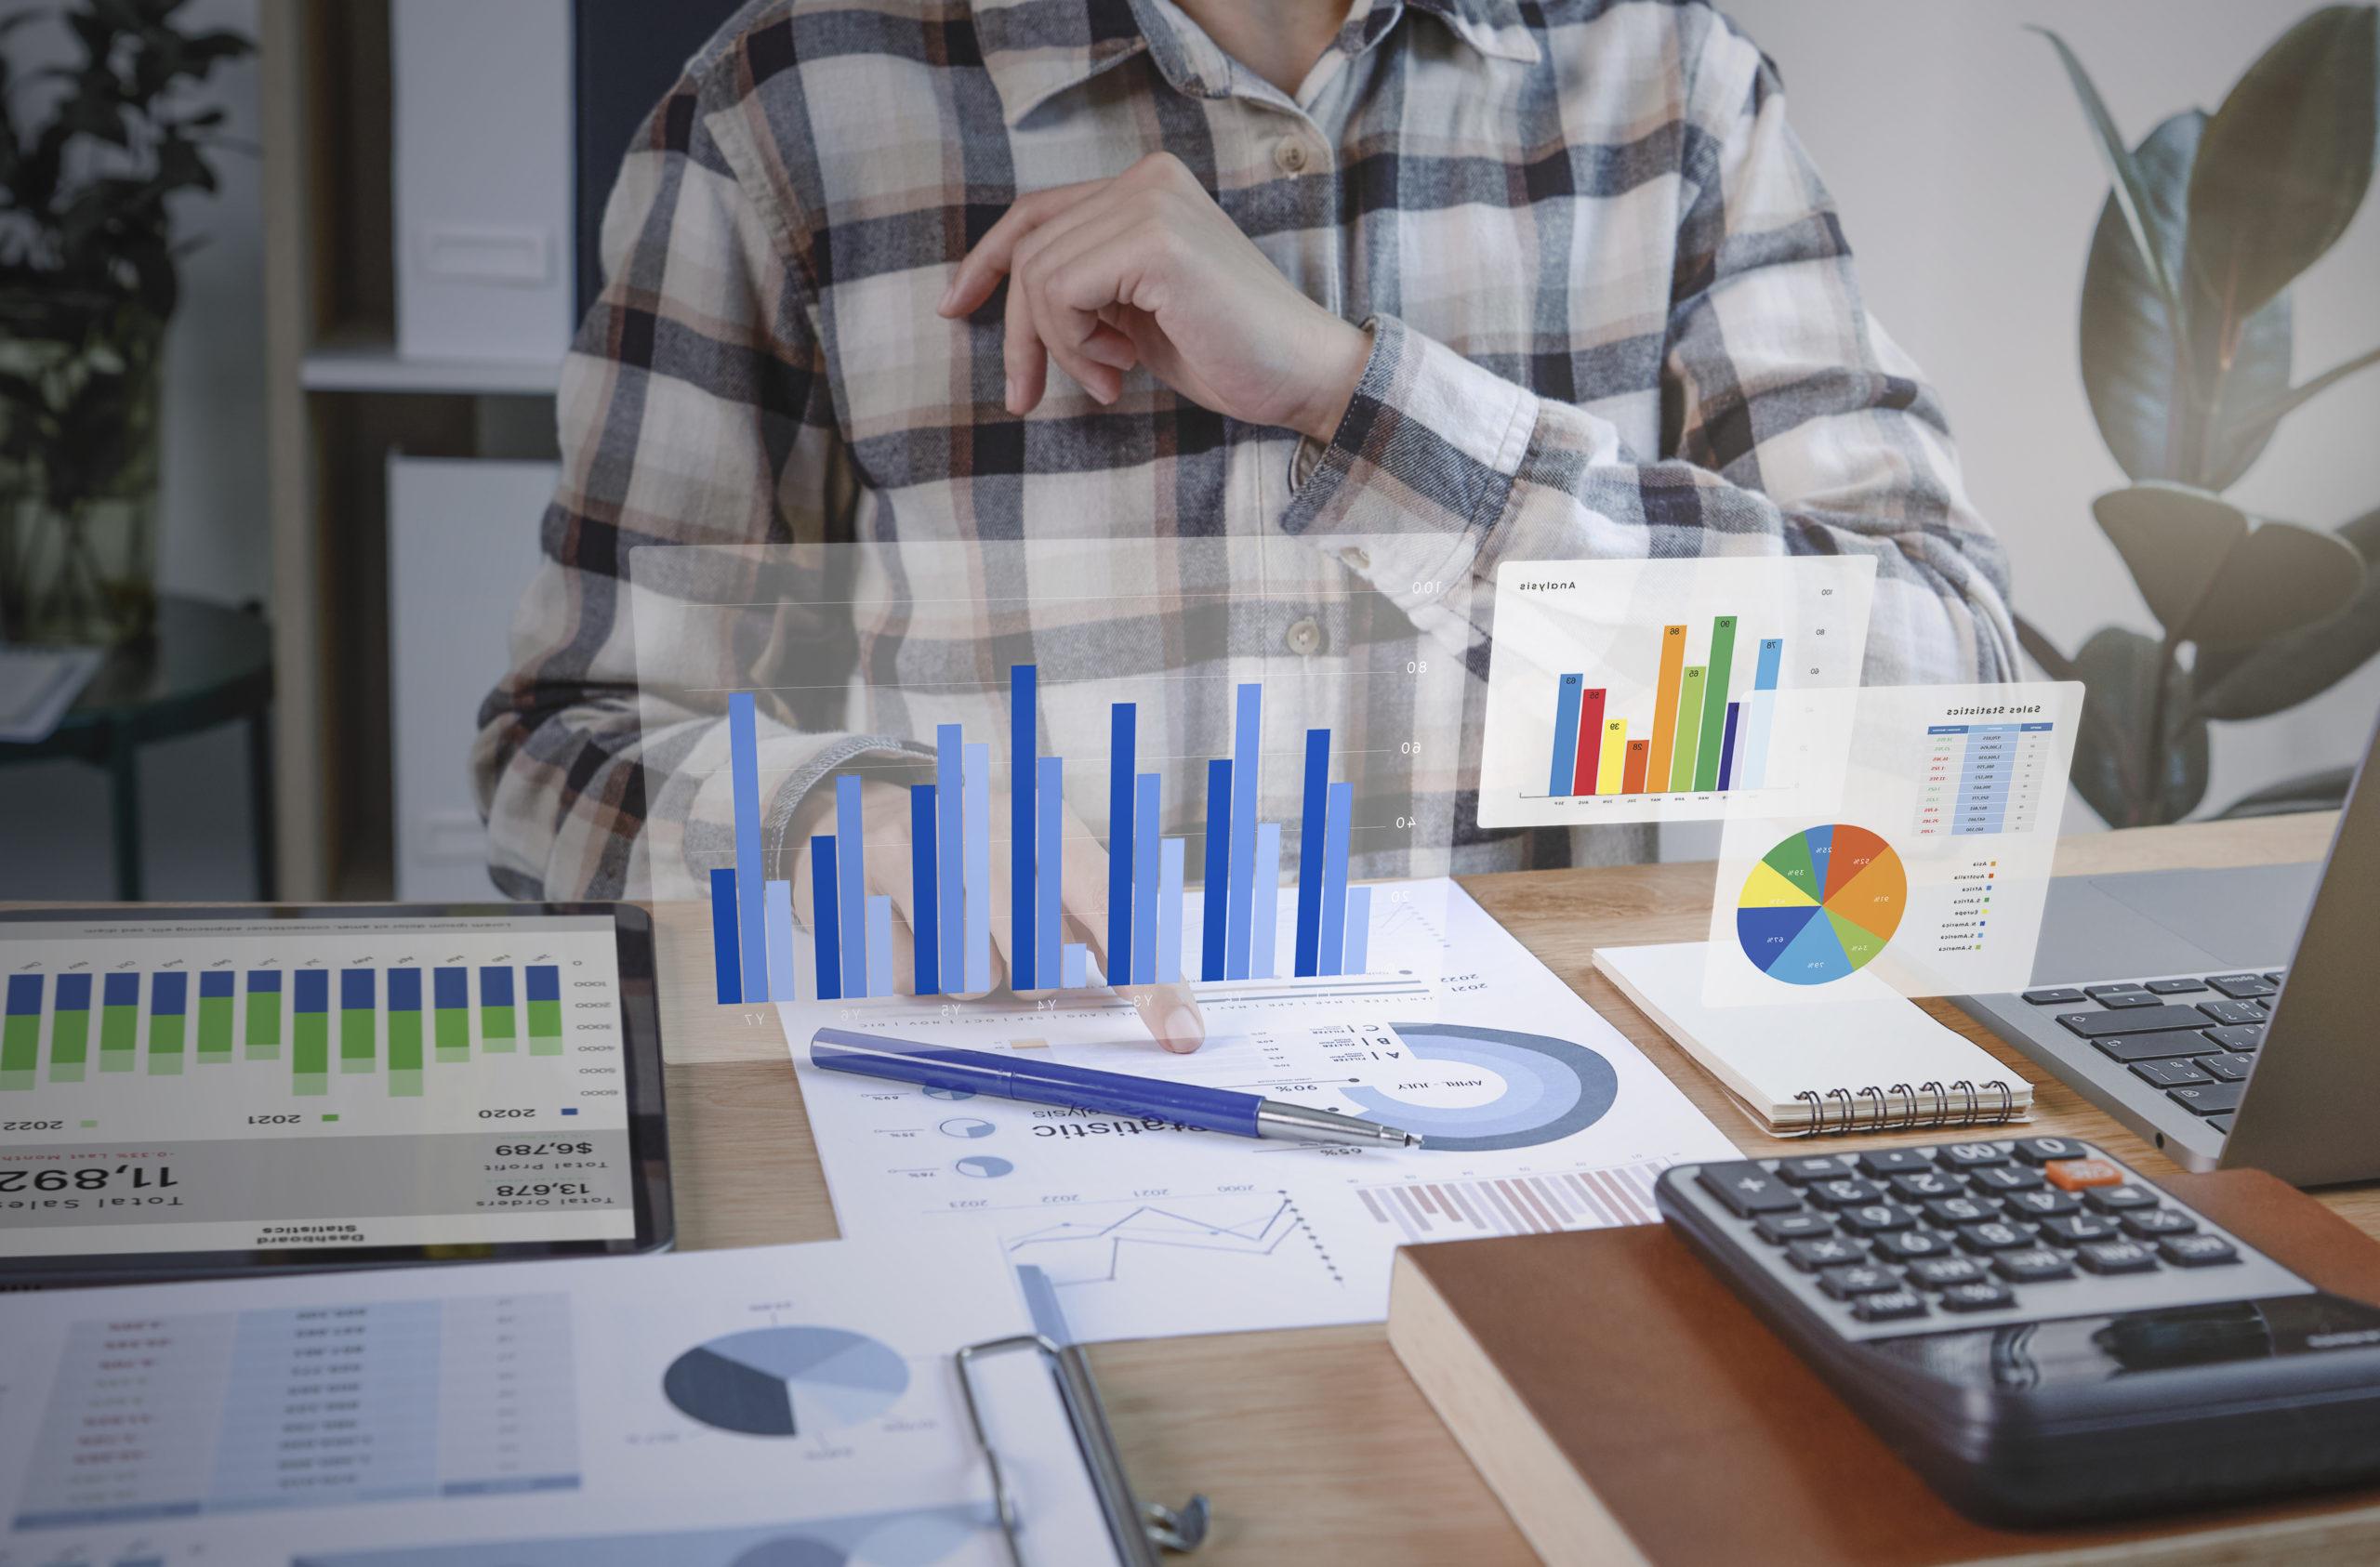 Modelización Financiera herramienta útil para empresas